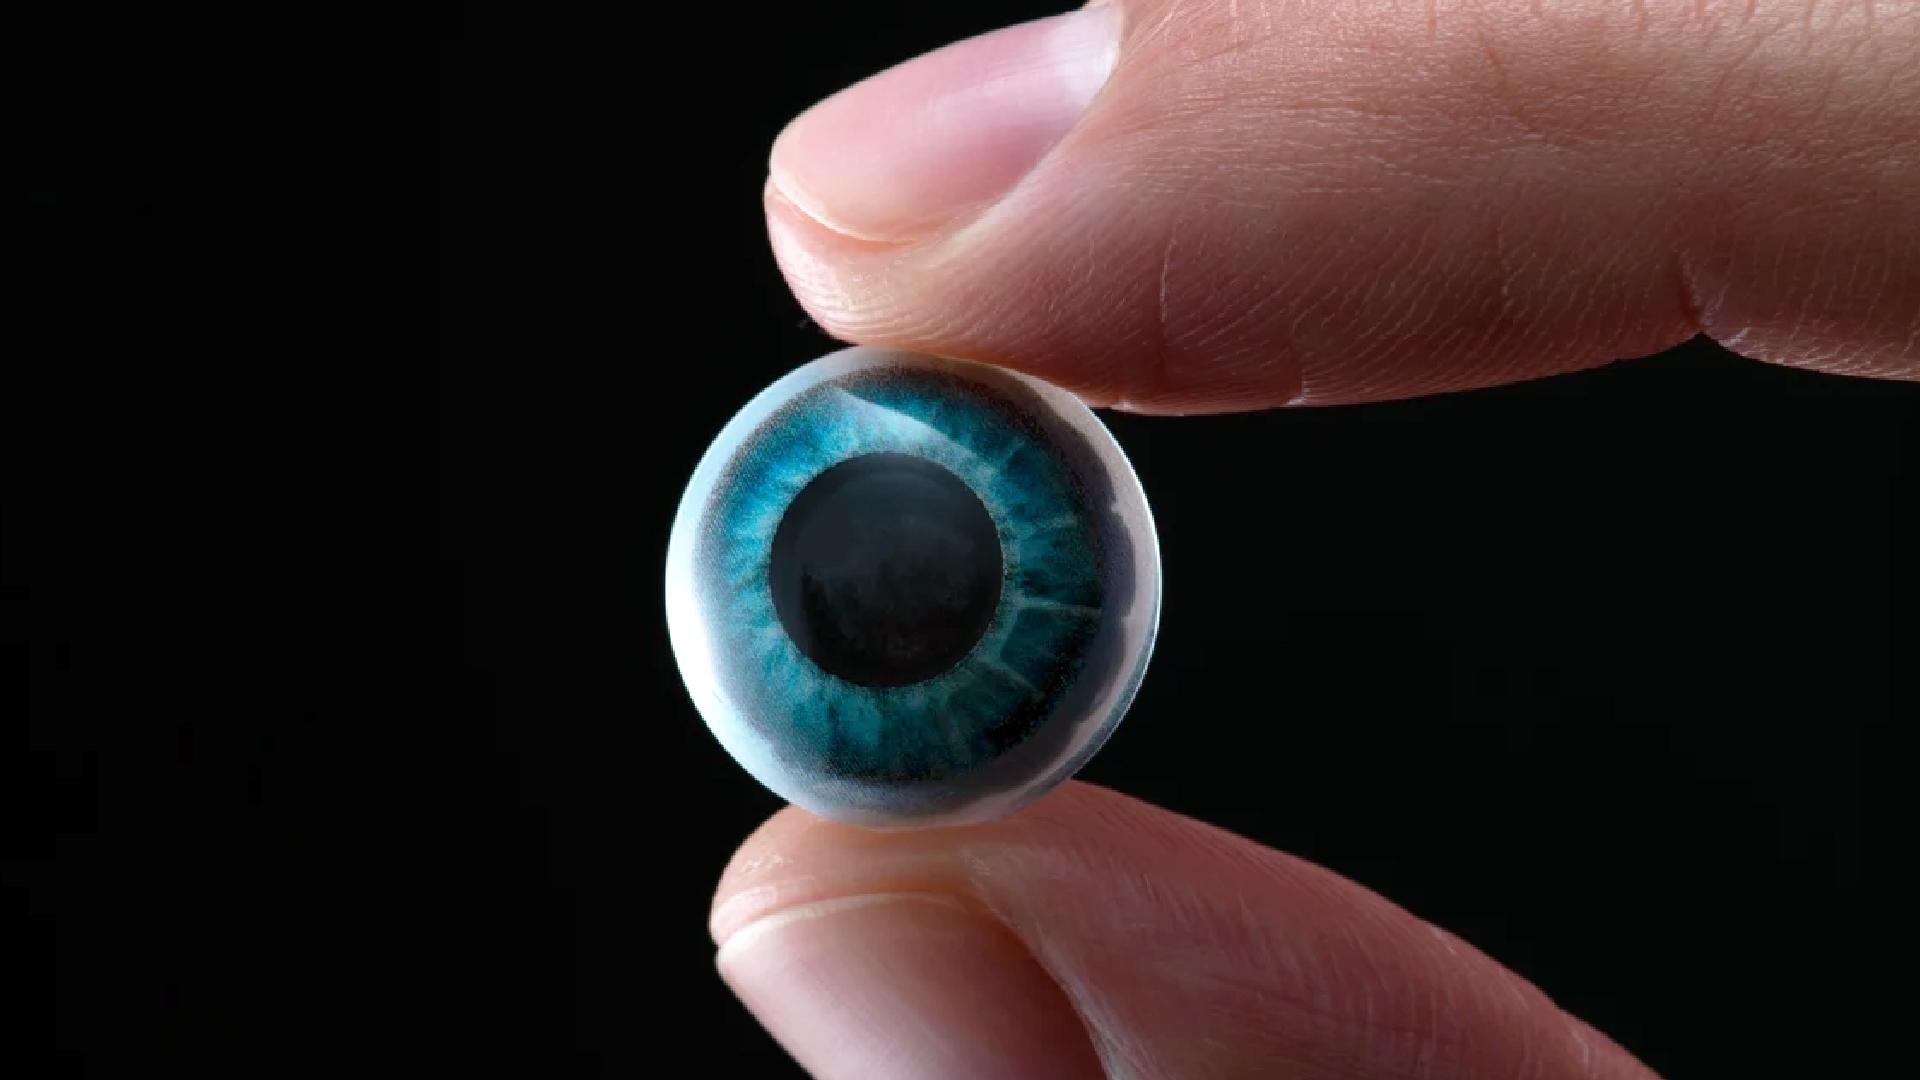 Entdecken Sie Kontaktlinsen, mit denen Sie in Augmented Reality sehen können